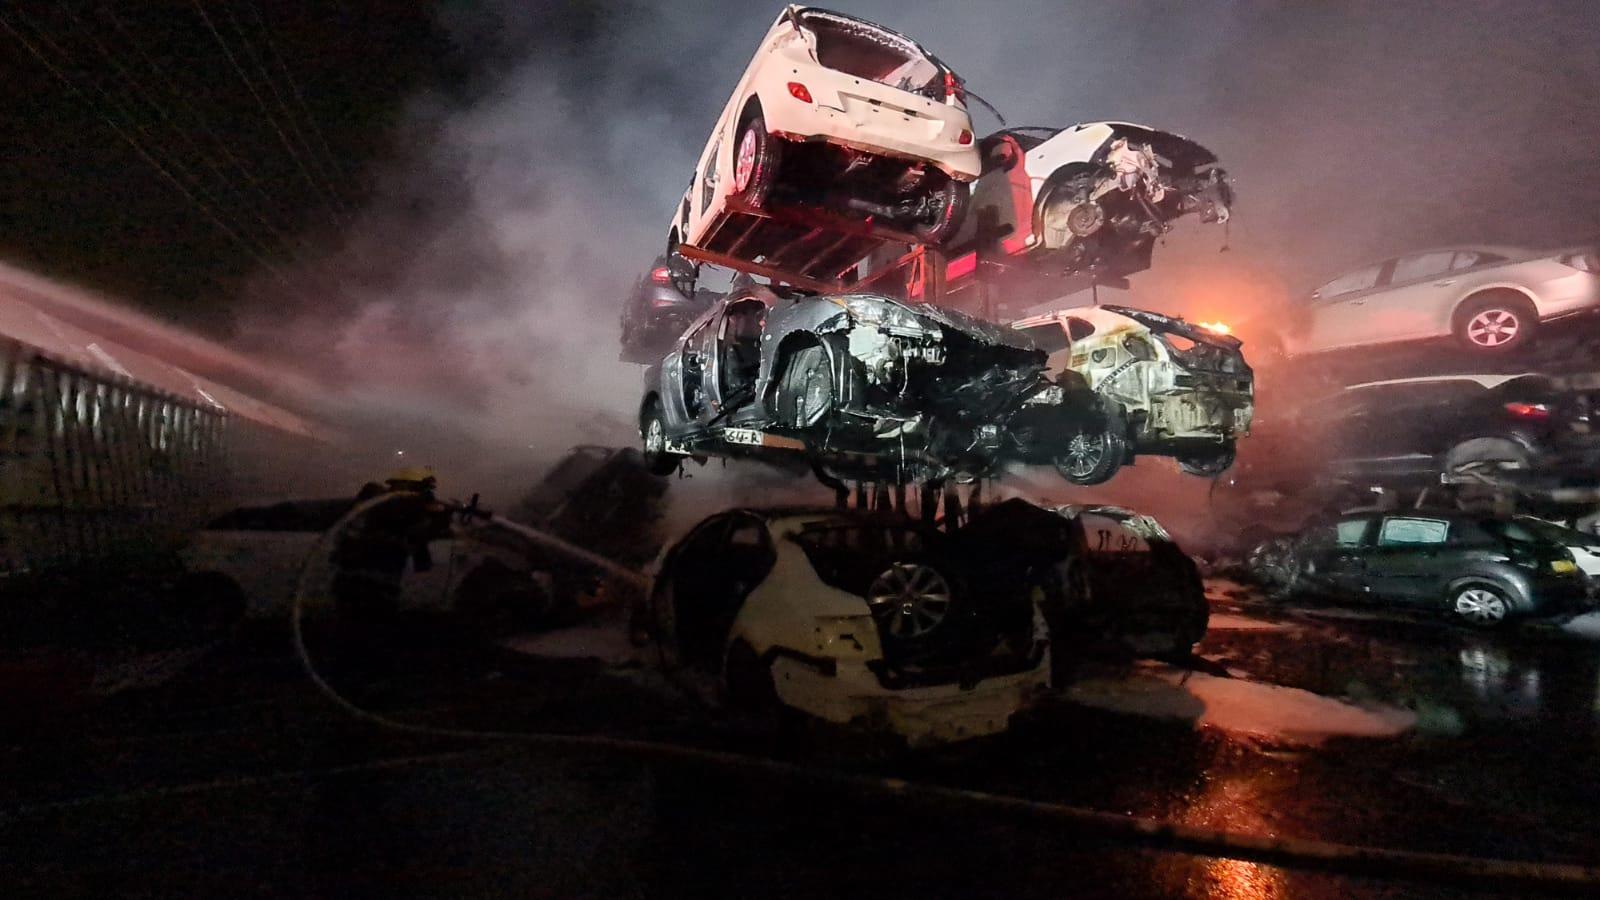 فيديو: حريق ضخم داخل مصف للسيارات في المنطقة الصناعية بمدينة اللد